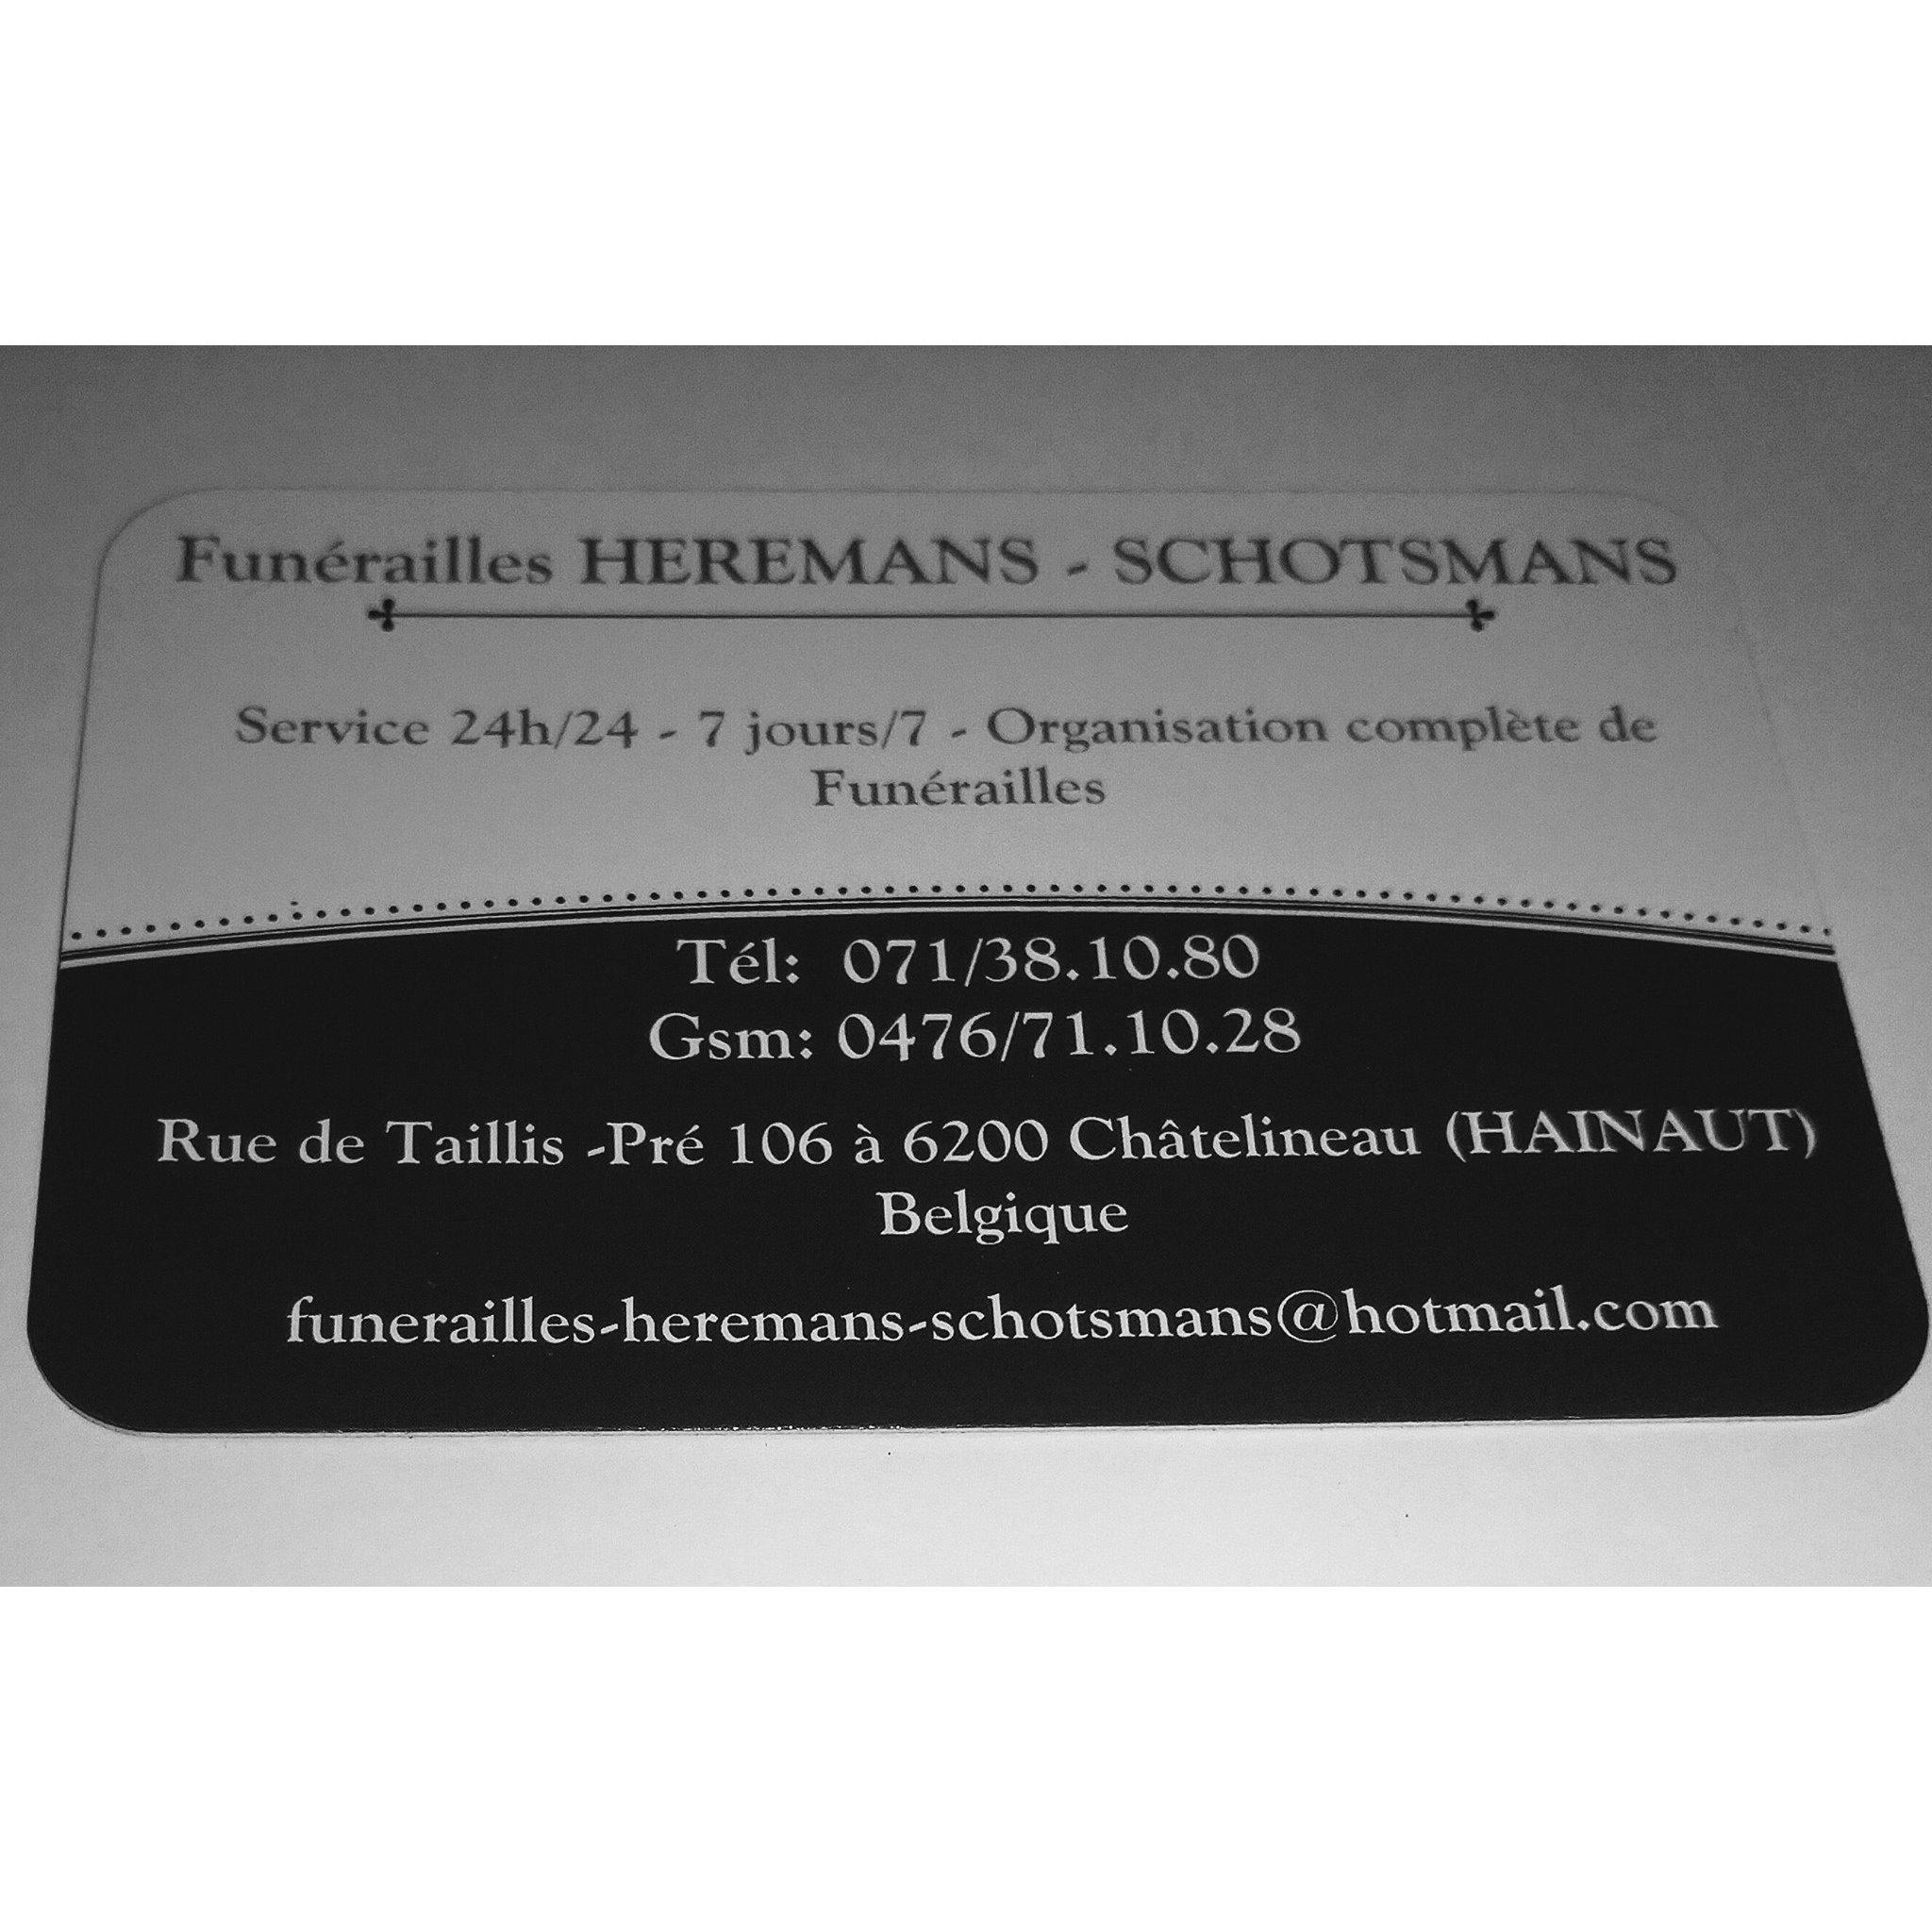 Funérailles Heremans-Schotsmans